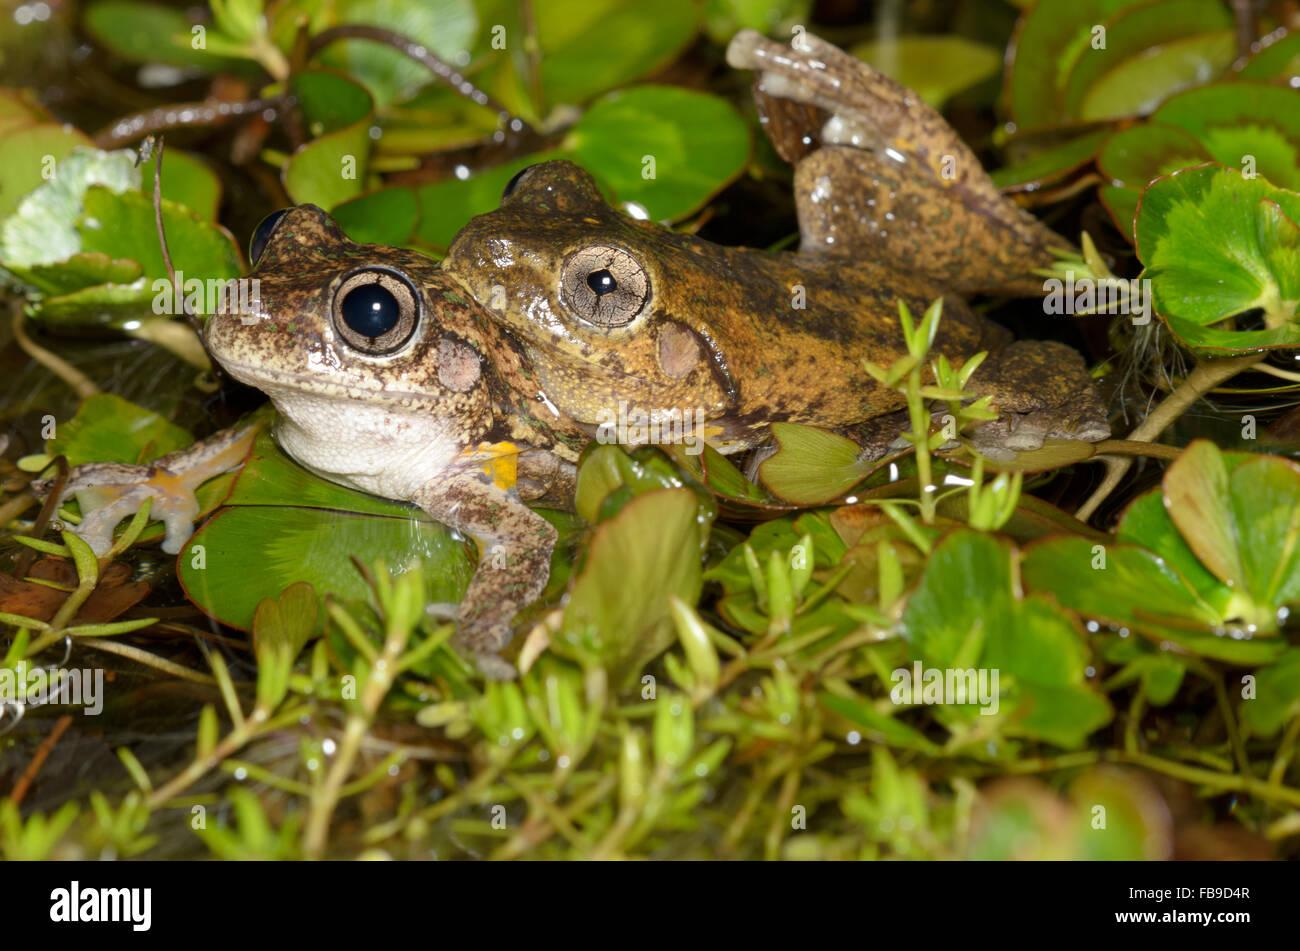 El apareamiento Peron's Tree Frog, Litoria peronii, en Glenbrook, New South Wales, Australia. Imagen De Stock